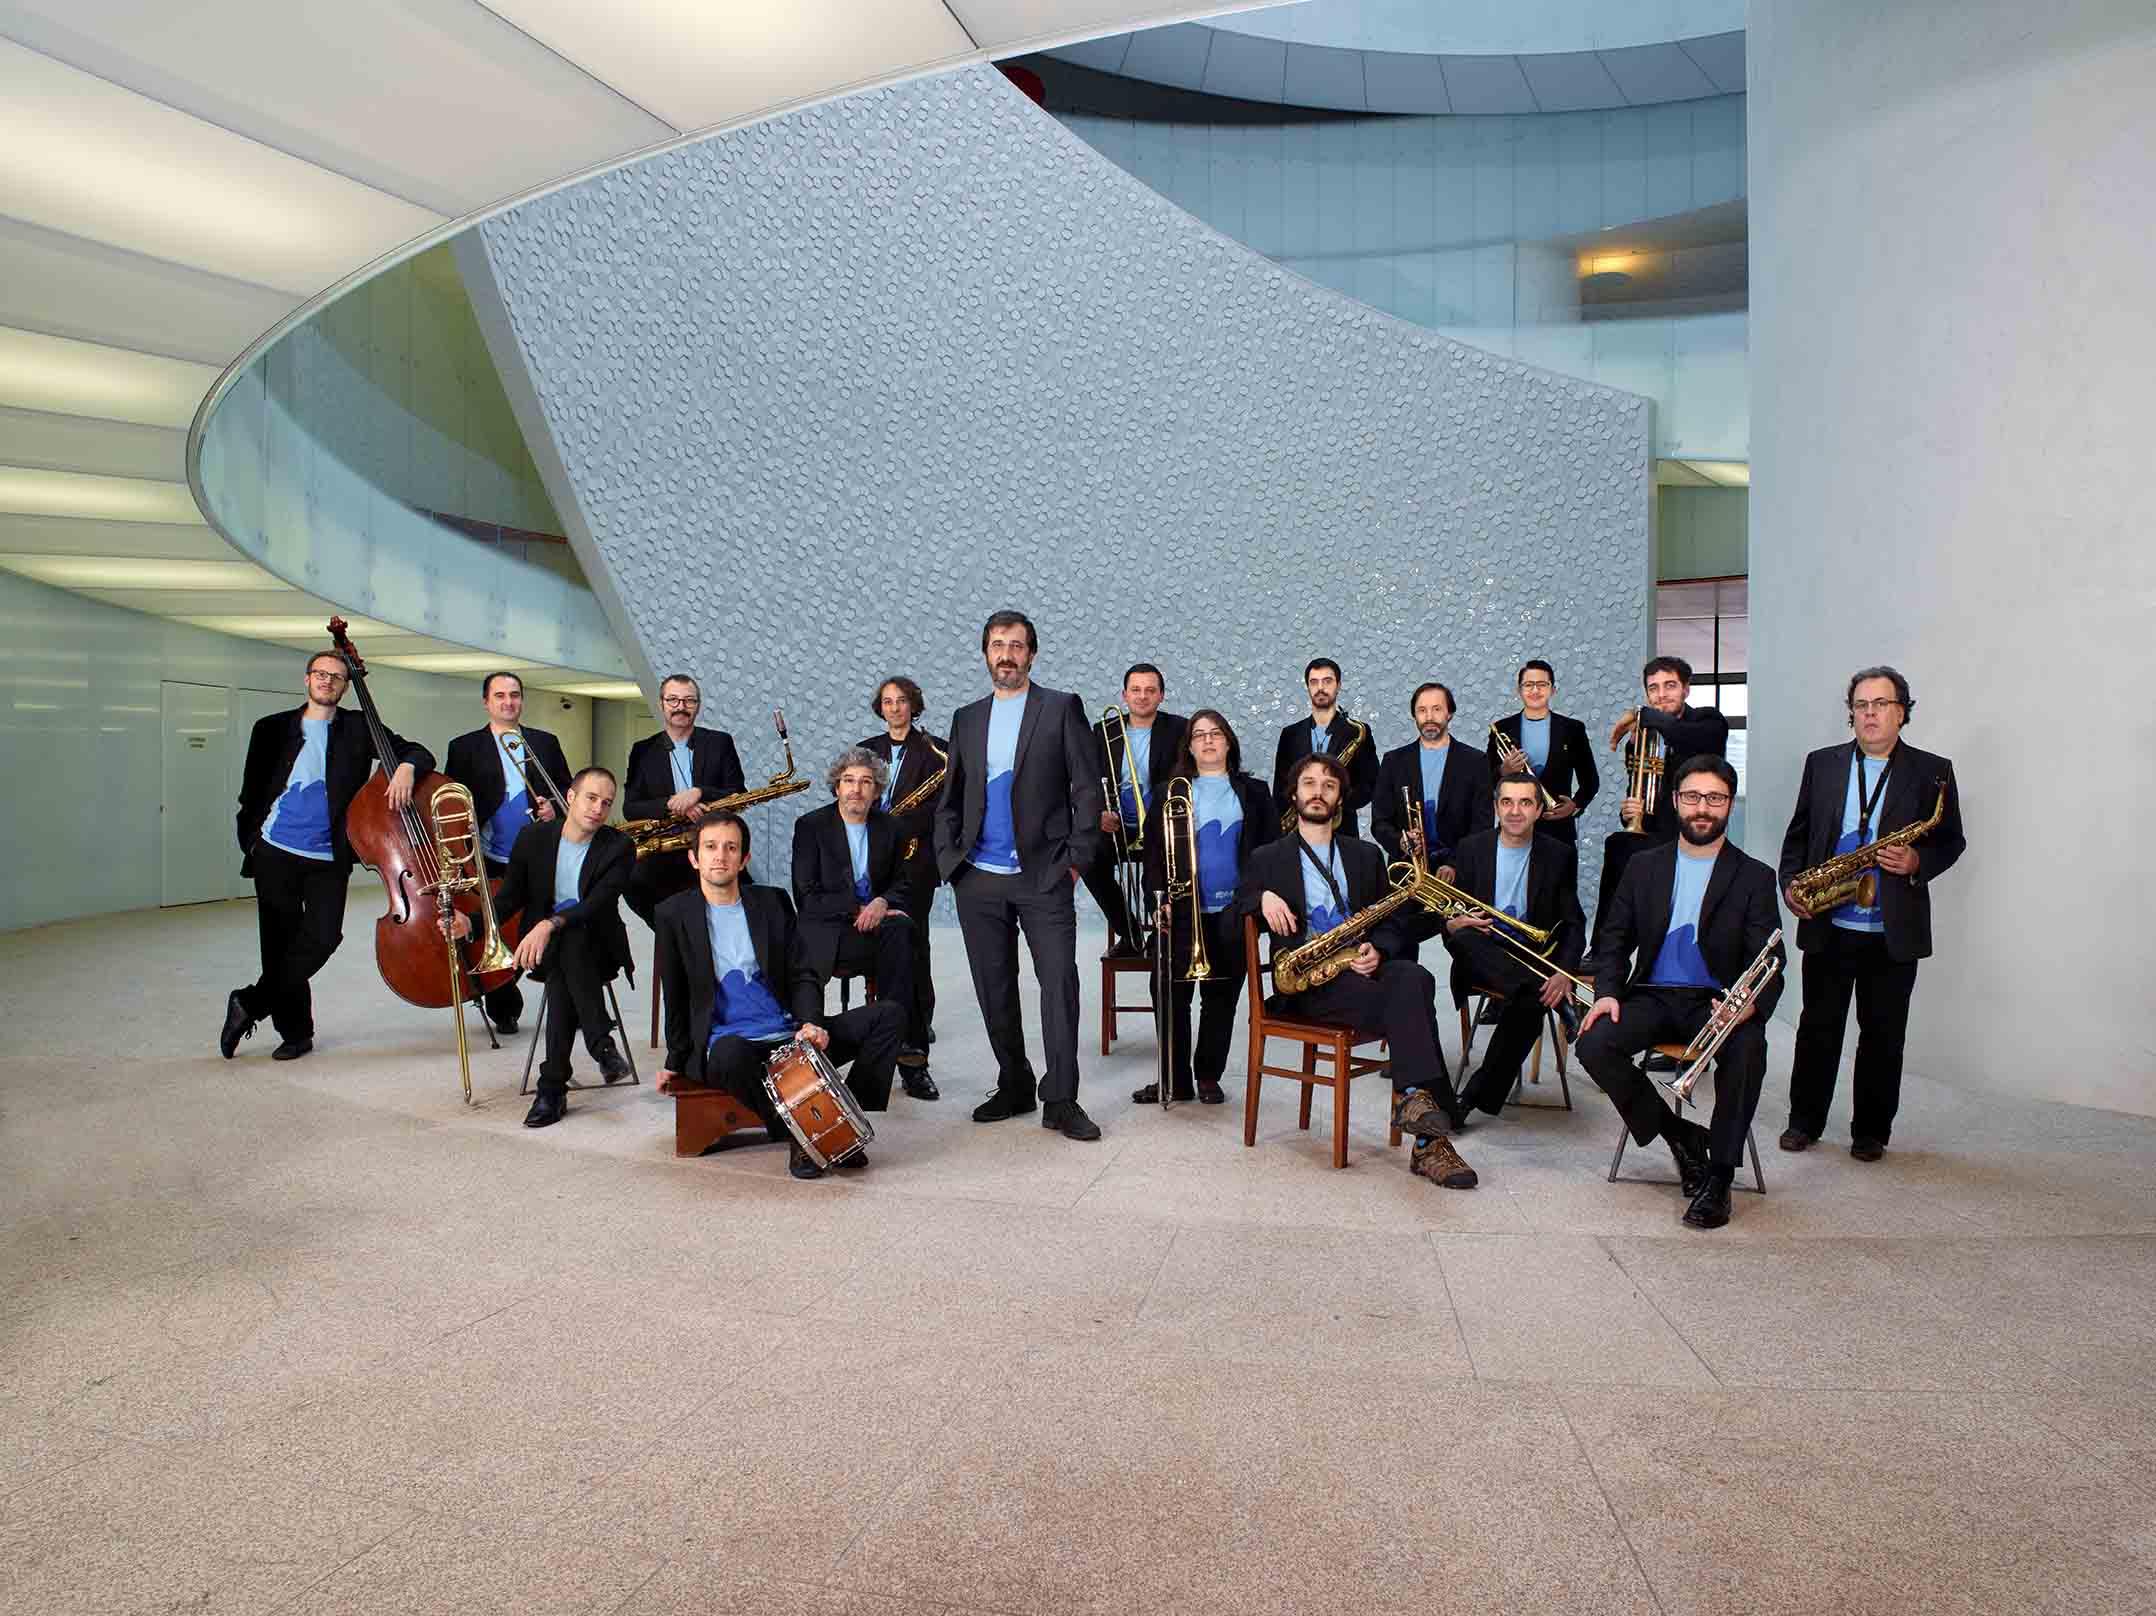 Orquestra Jazz de Matosinhos - Conferência Europeia de Jazz